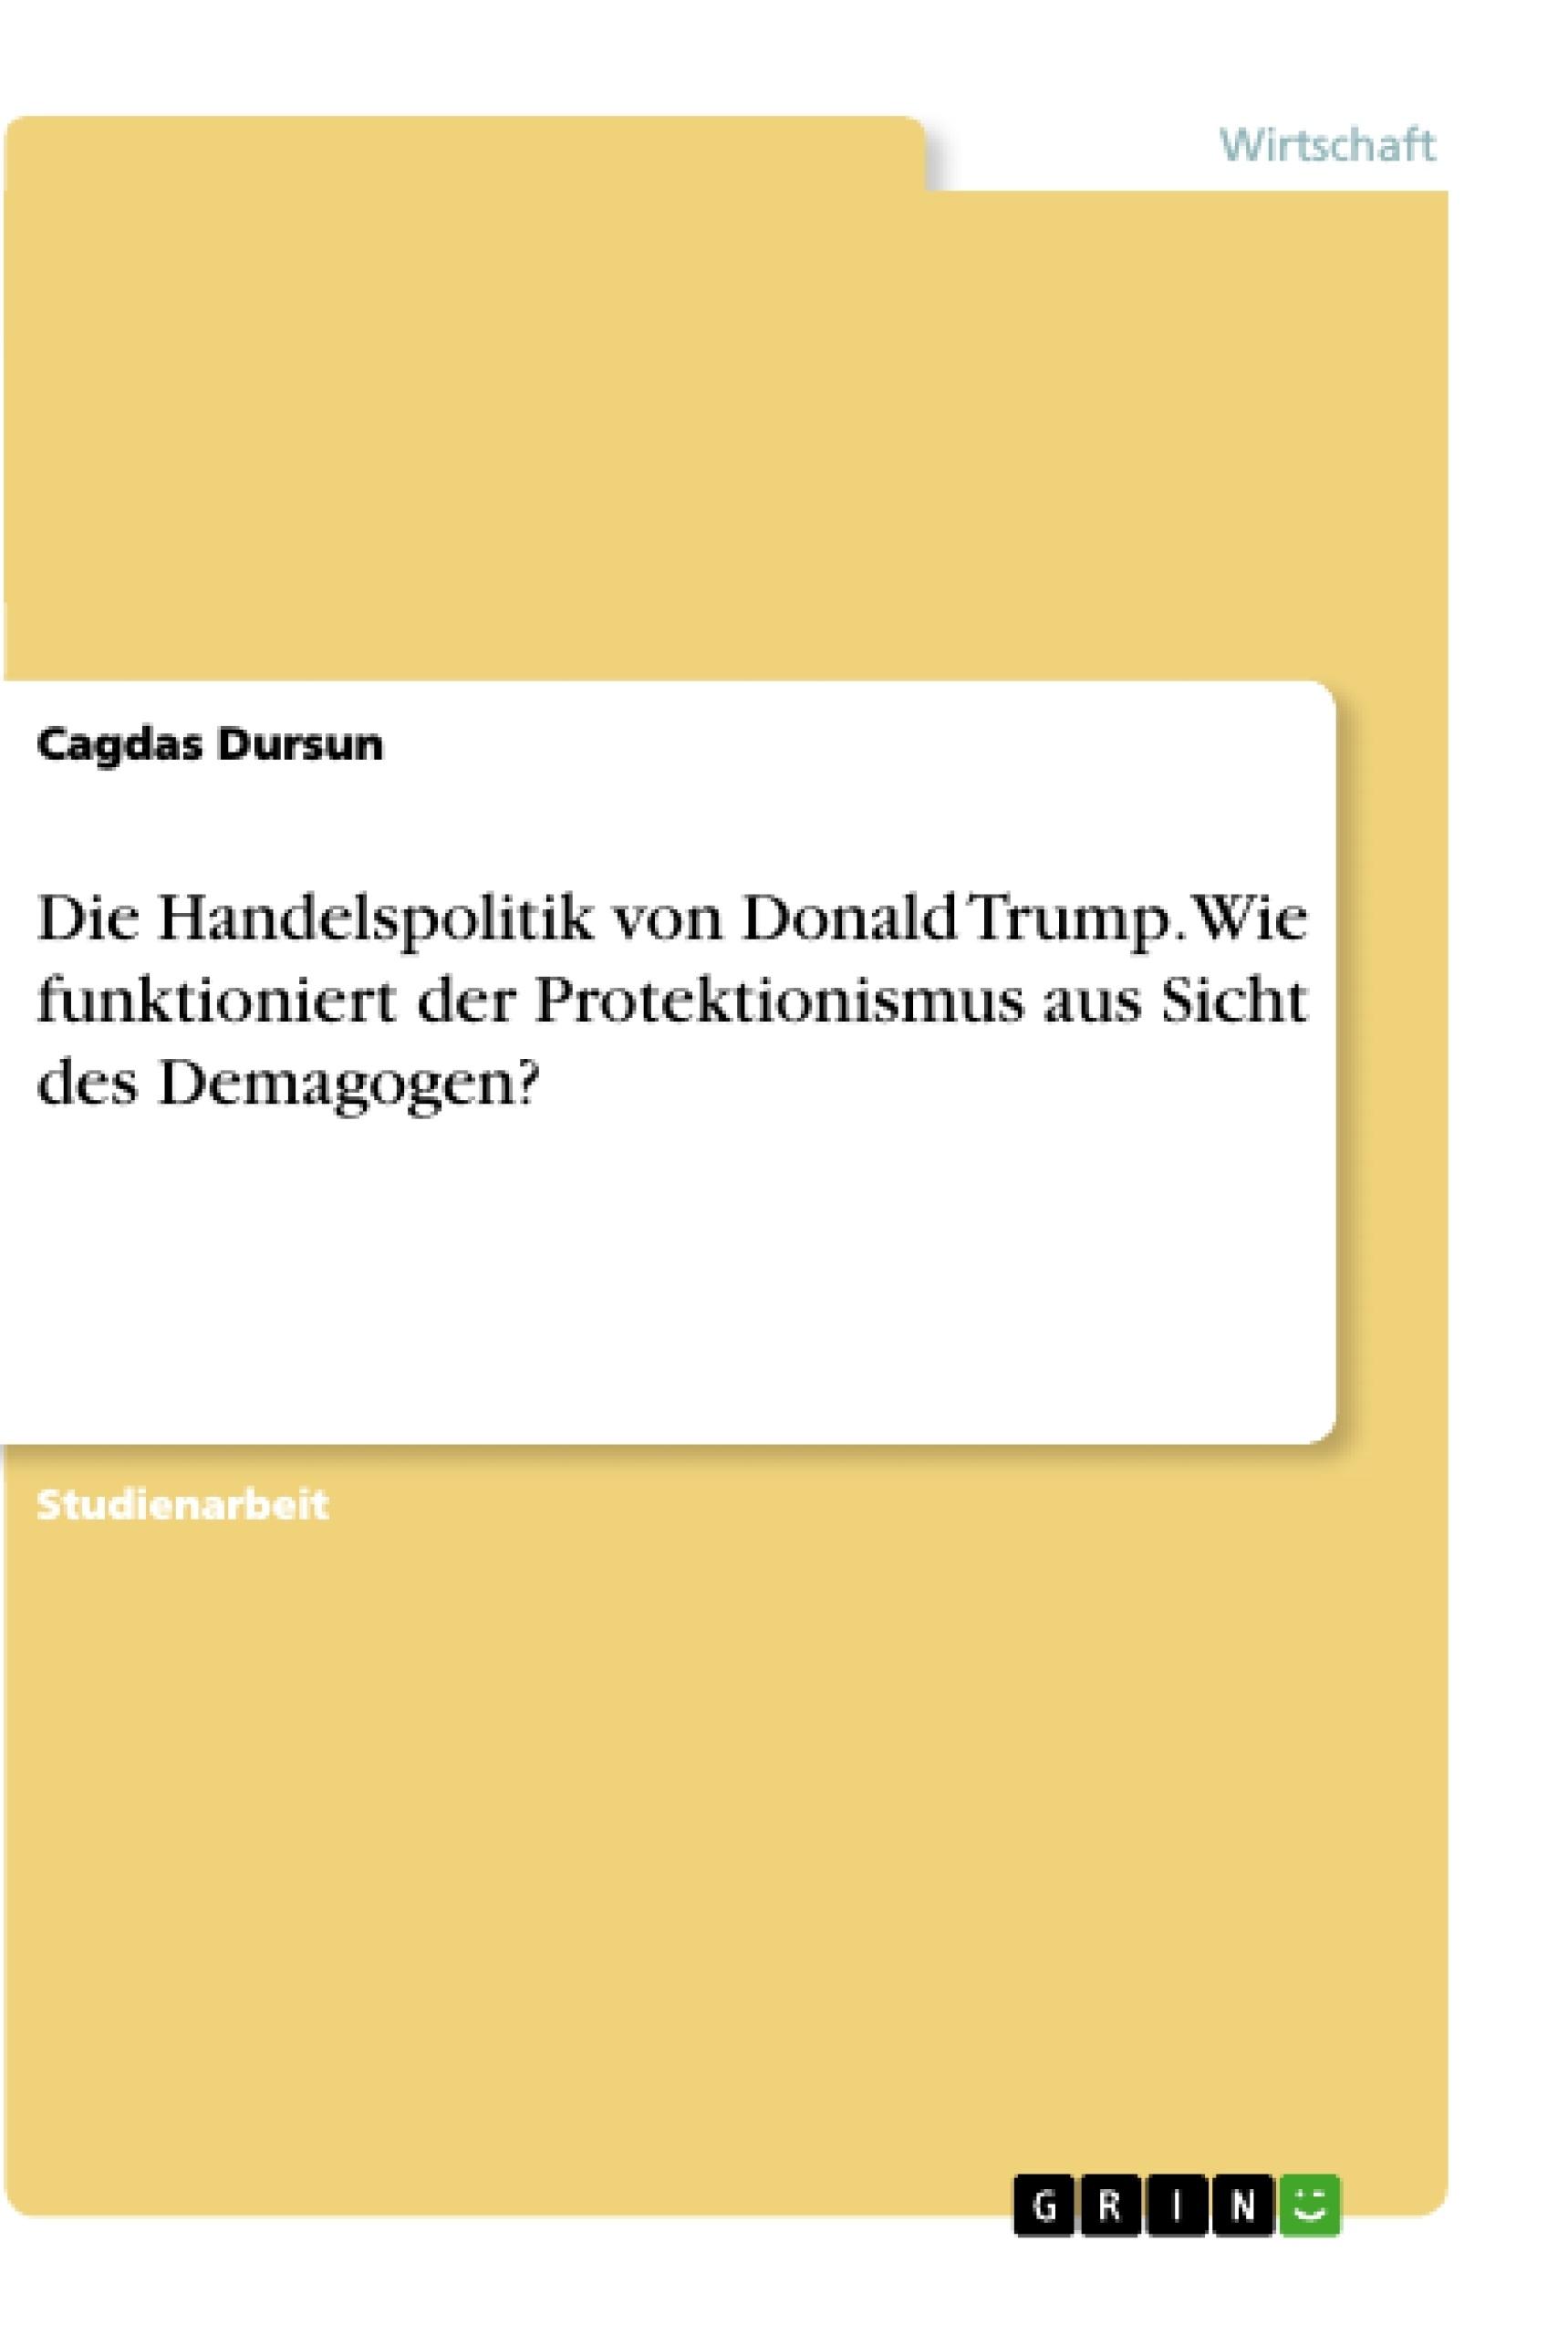 Titel: Die Handelspolitik von Donald Trump. Wie funktioniert der Protektionismus aus Sicht des Demagogen?